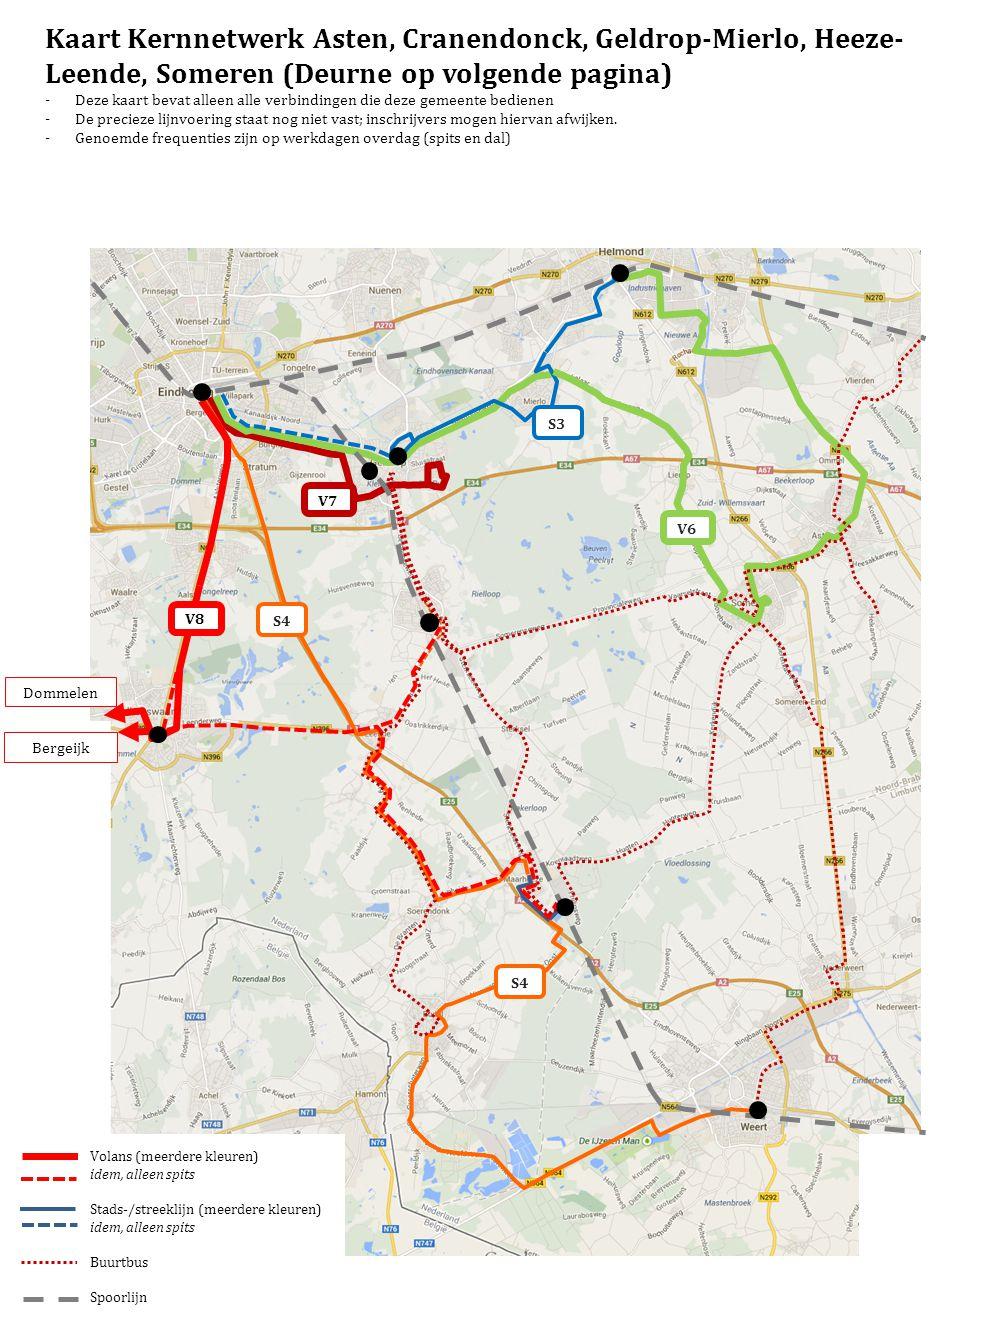 Bergeijk Dommelen Volans (meerdere kleuren) idem, alleen spits Stads-/streeklijn (meerdere kleuren) idem, alleen spits Buurtbus Spoorlijn Kaart Kernne